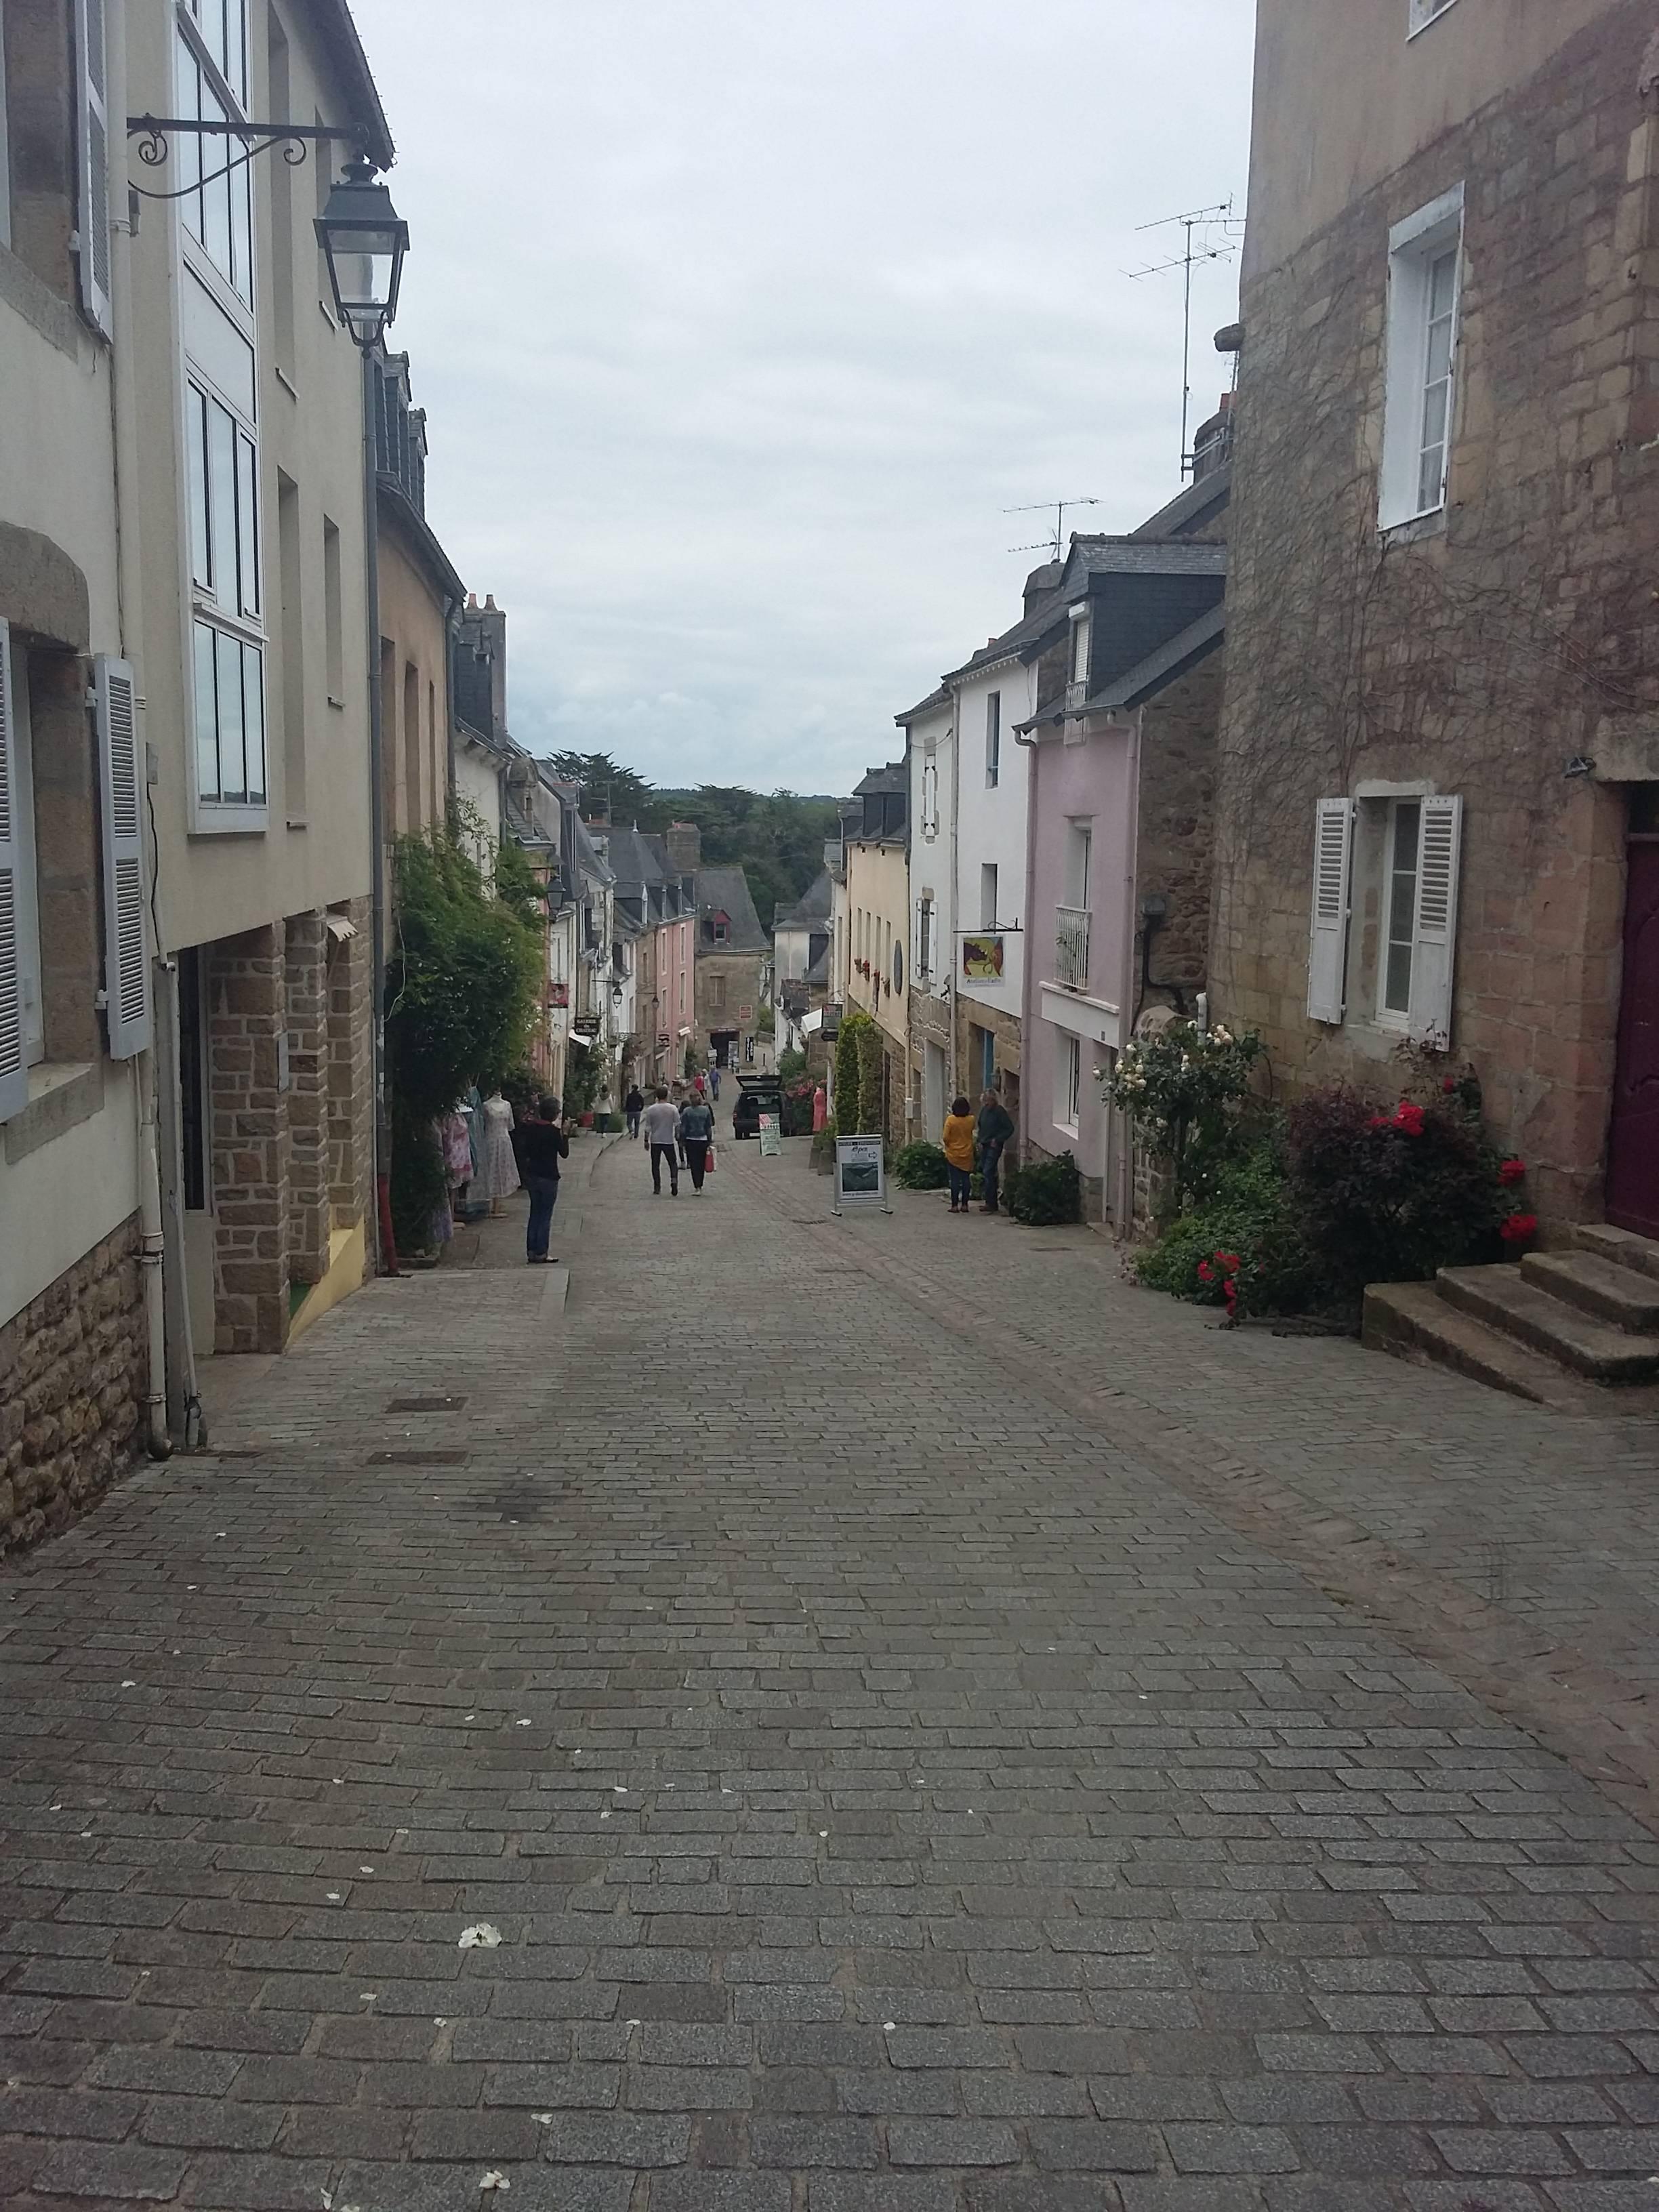 Photo 2: Saint-goustan, le port caché